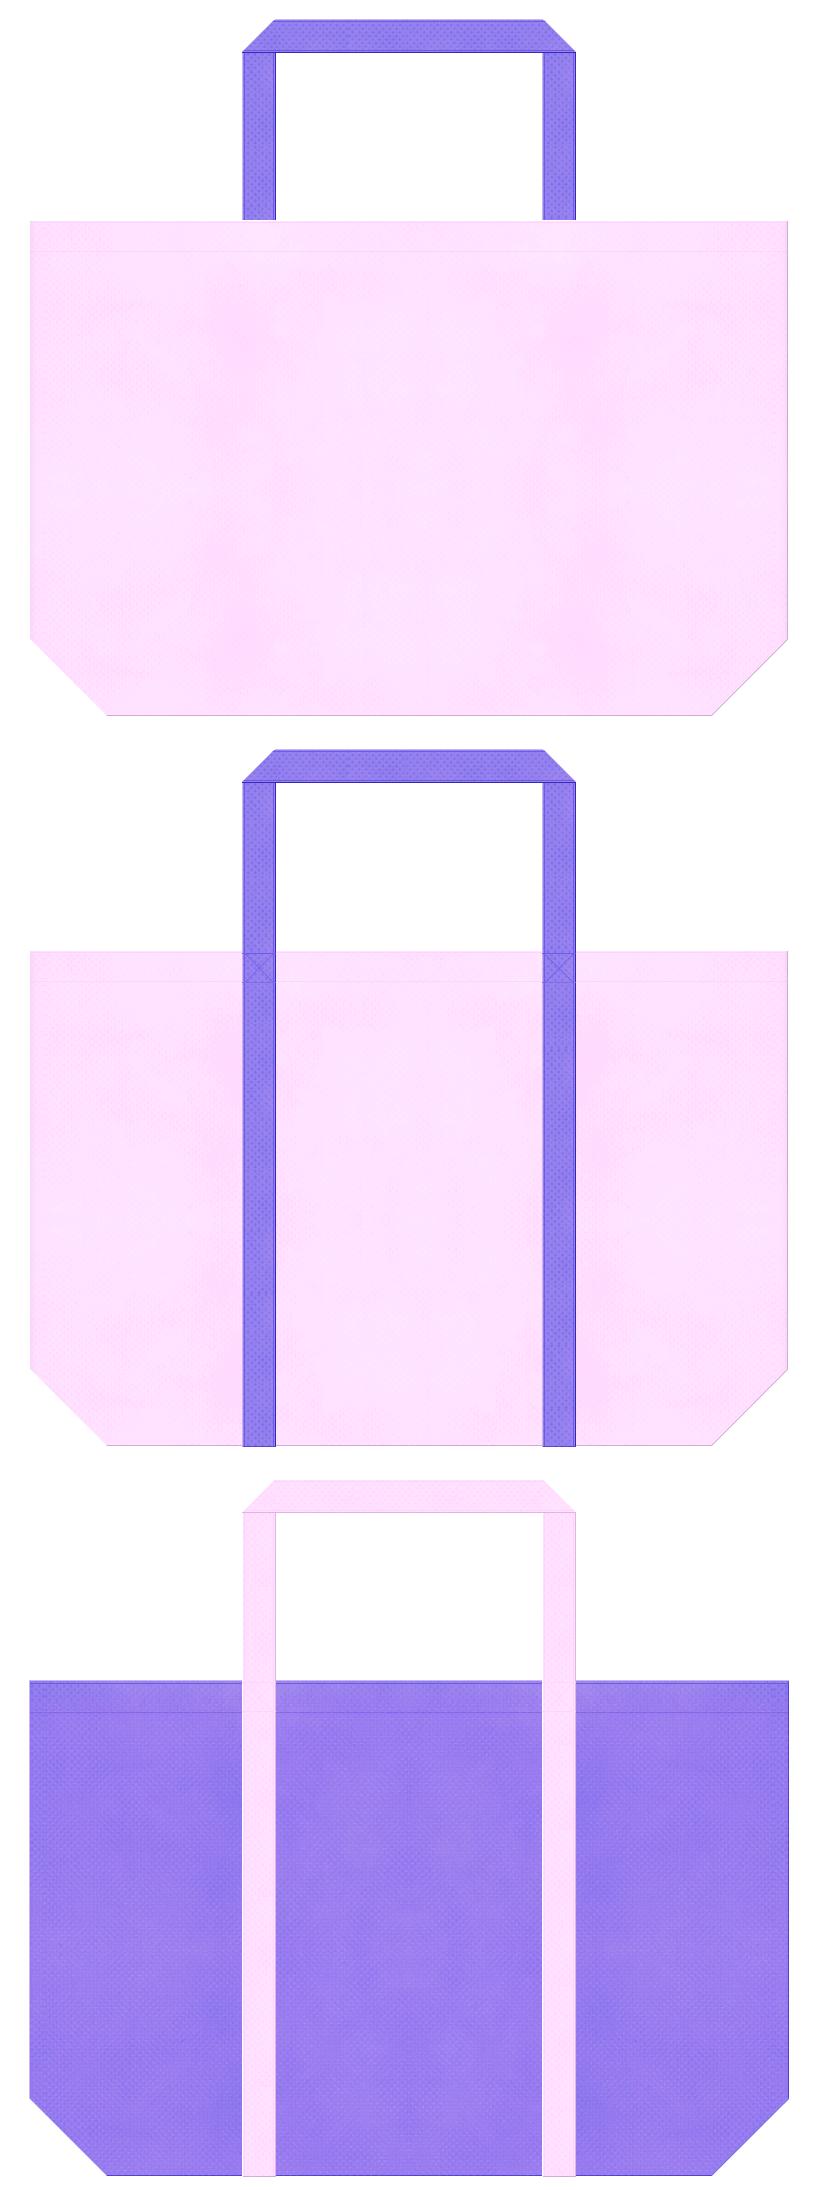 保育・福祉・介護・医療・ドリーミー・プリティー・ファンシー・プリンセス・マーメイド・パステルカラー・ガーリーデザインのショッピングバッグにお奨めの不織布バッグデザイン:パステルピンク色と薄紫色のコーデ